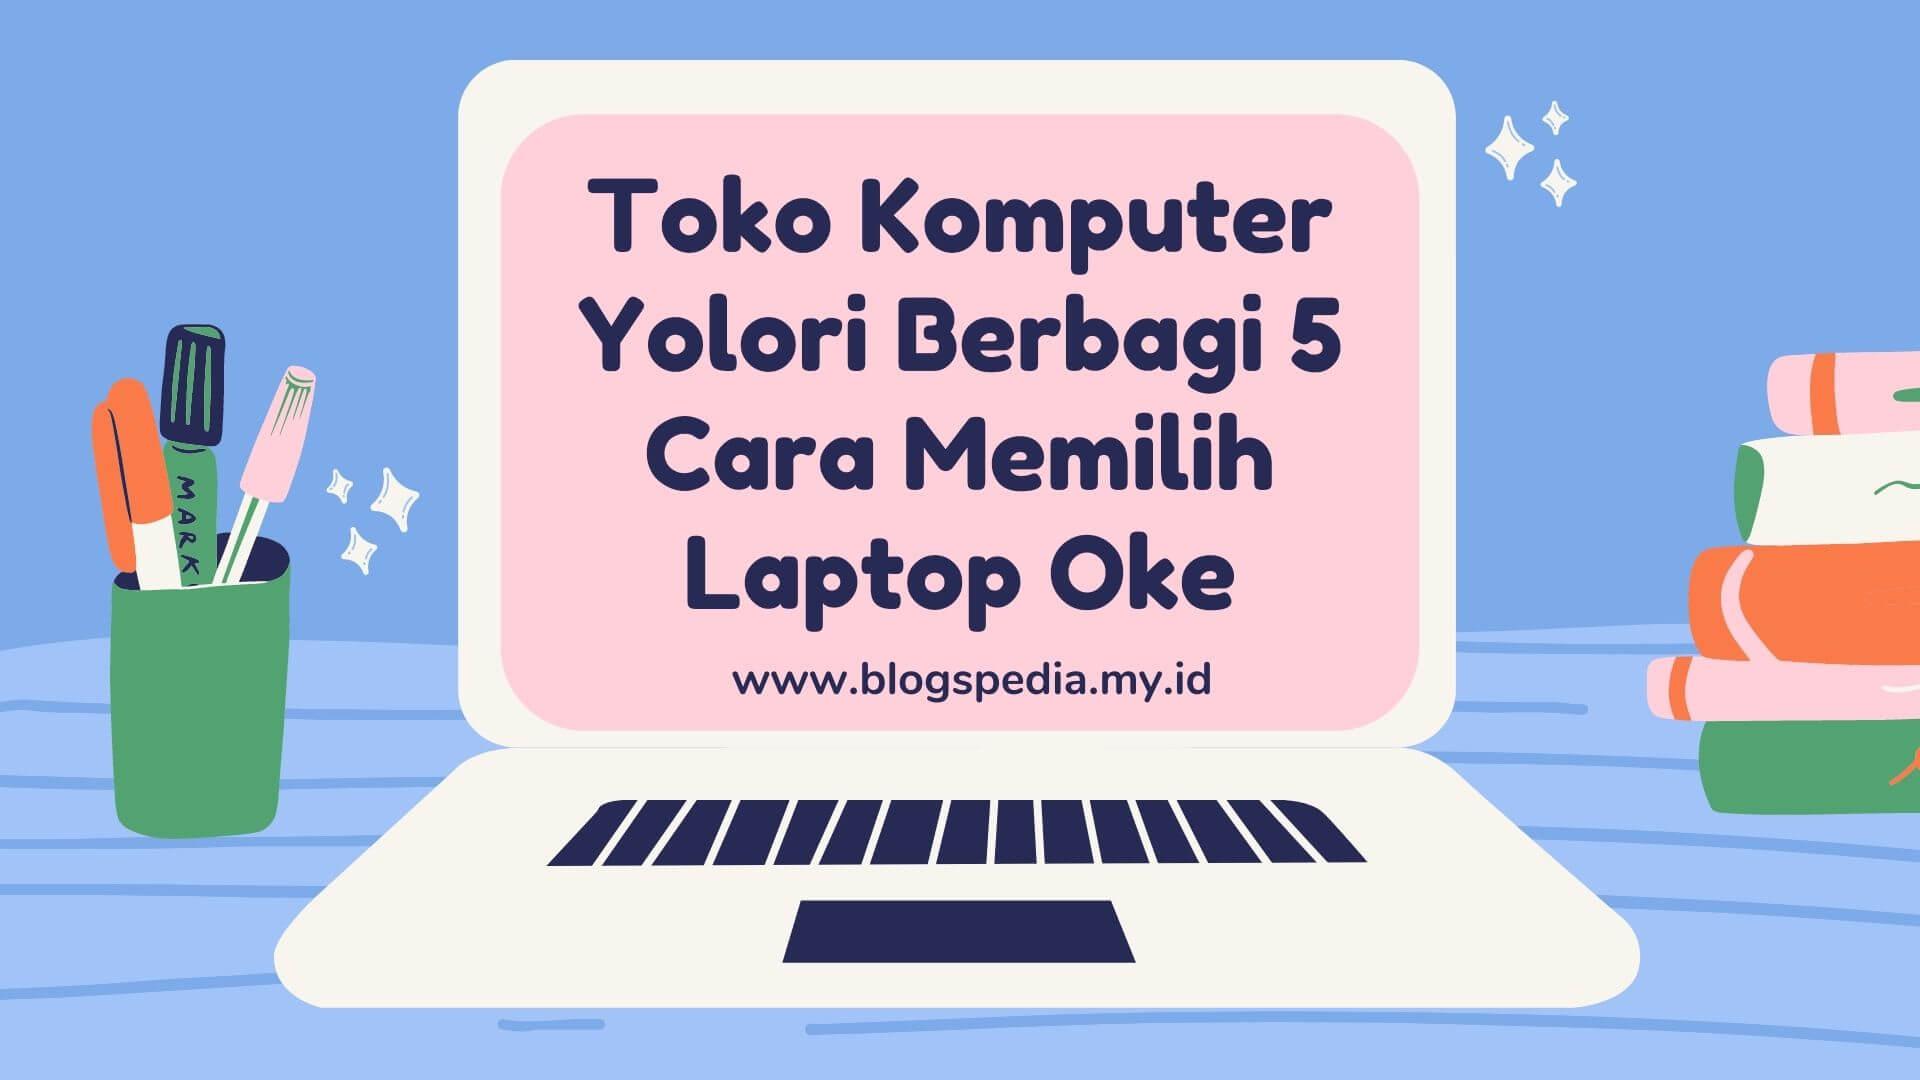 toko komputer